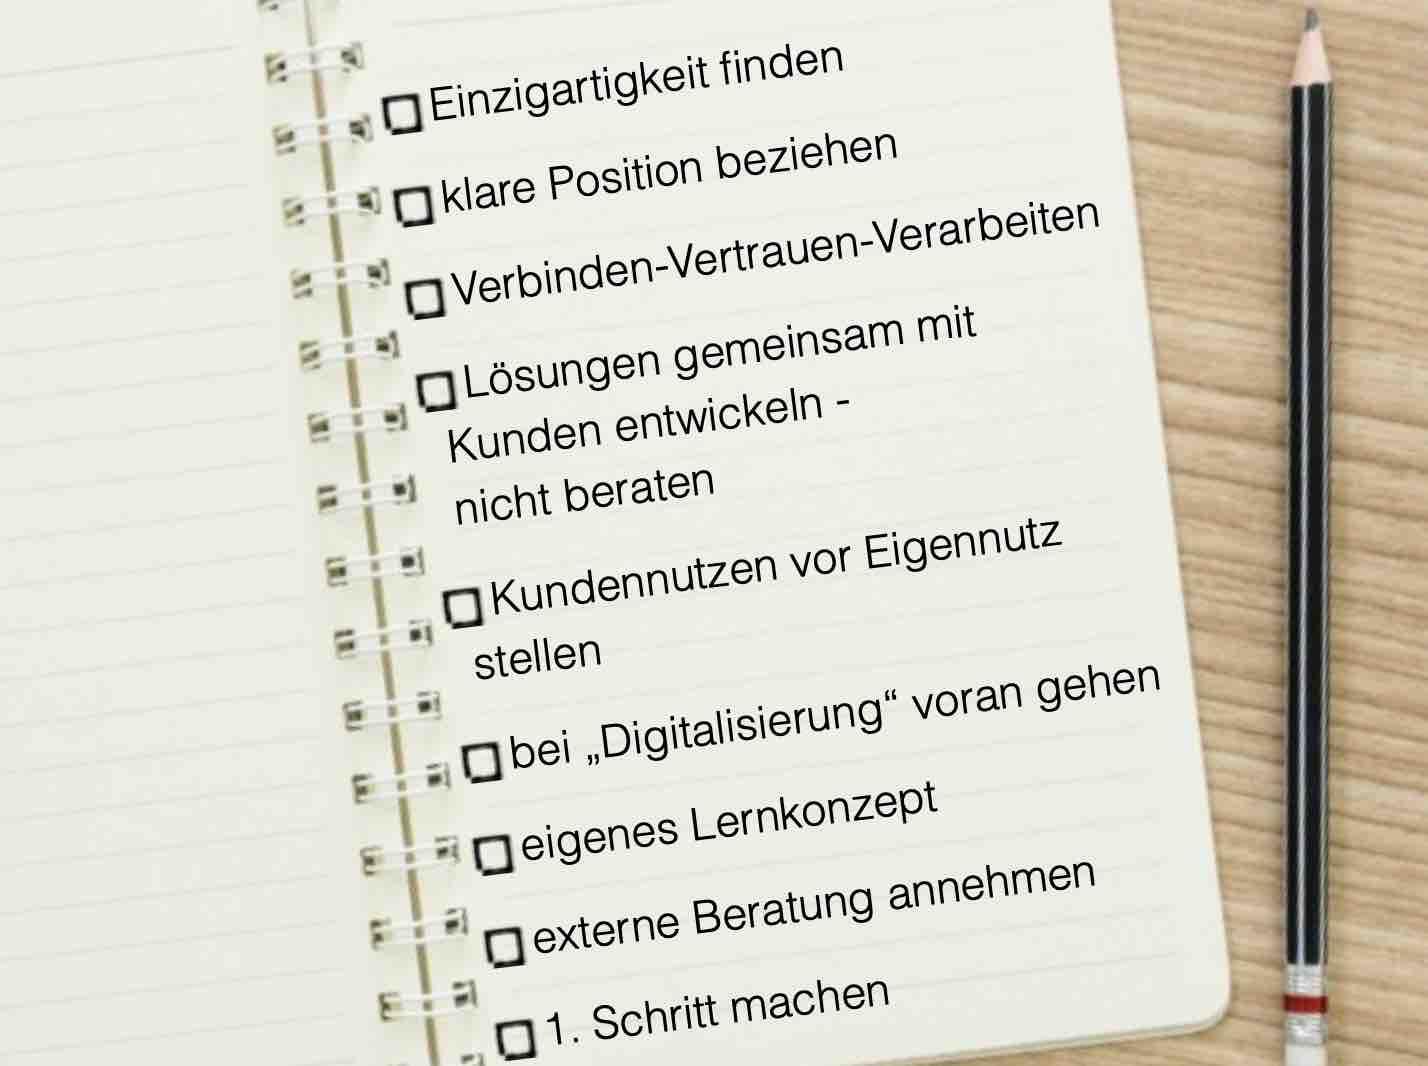 Checkliste neue Wege gehen